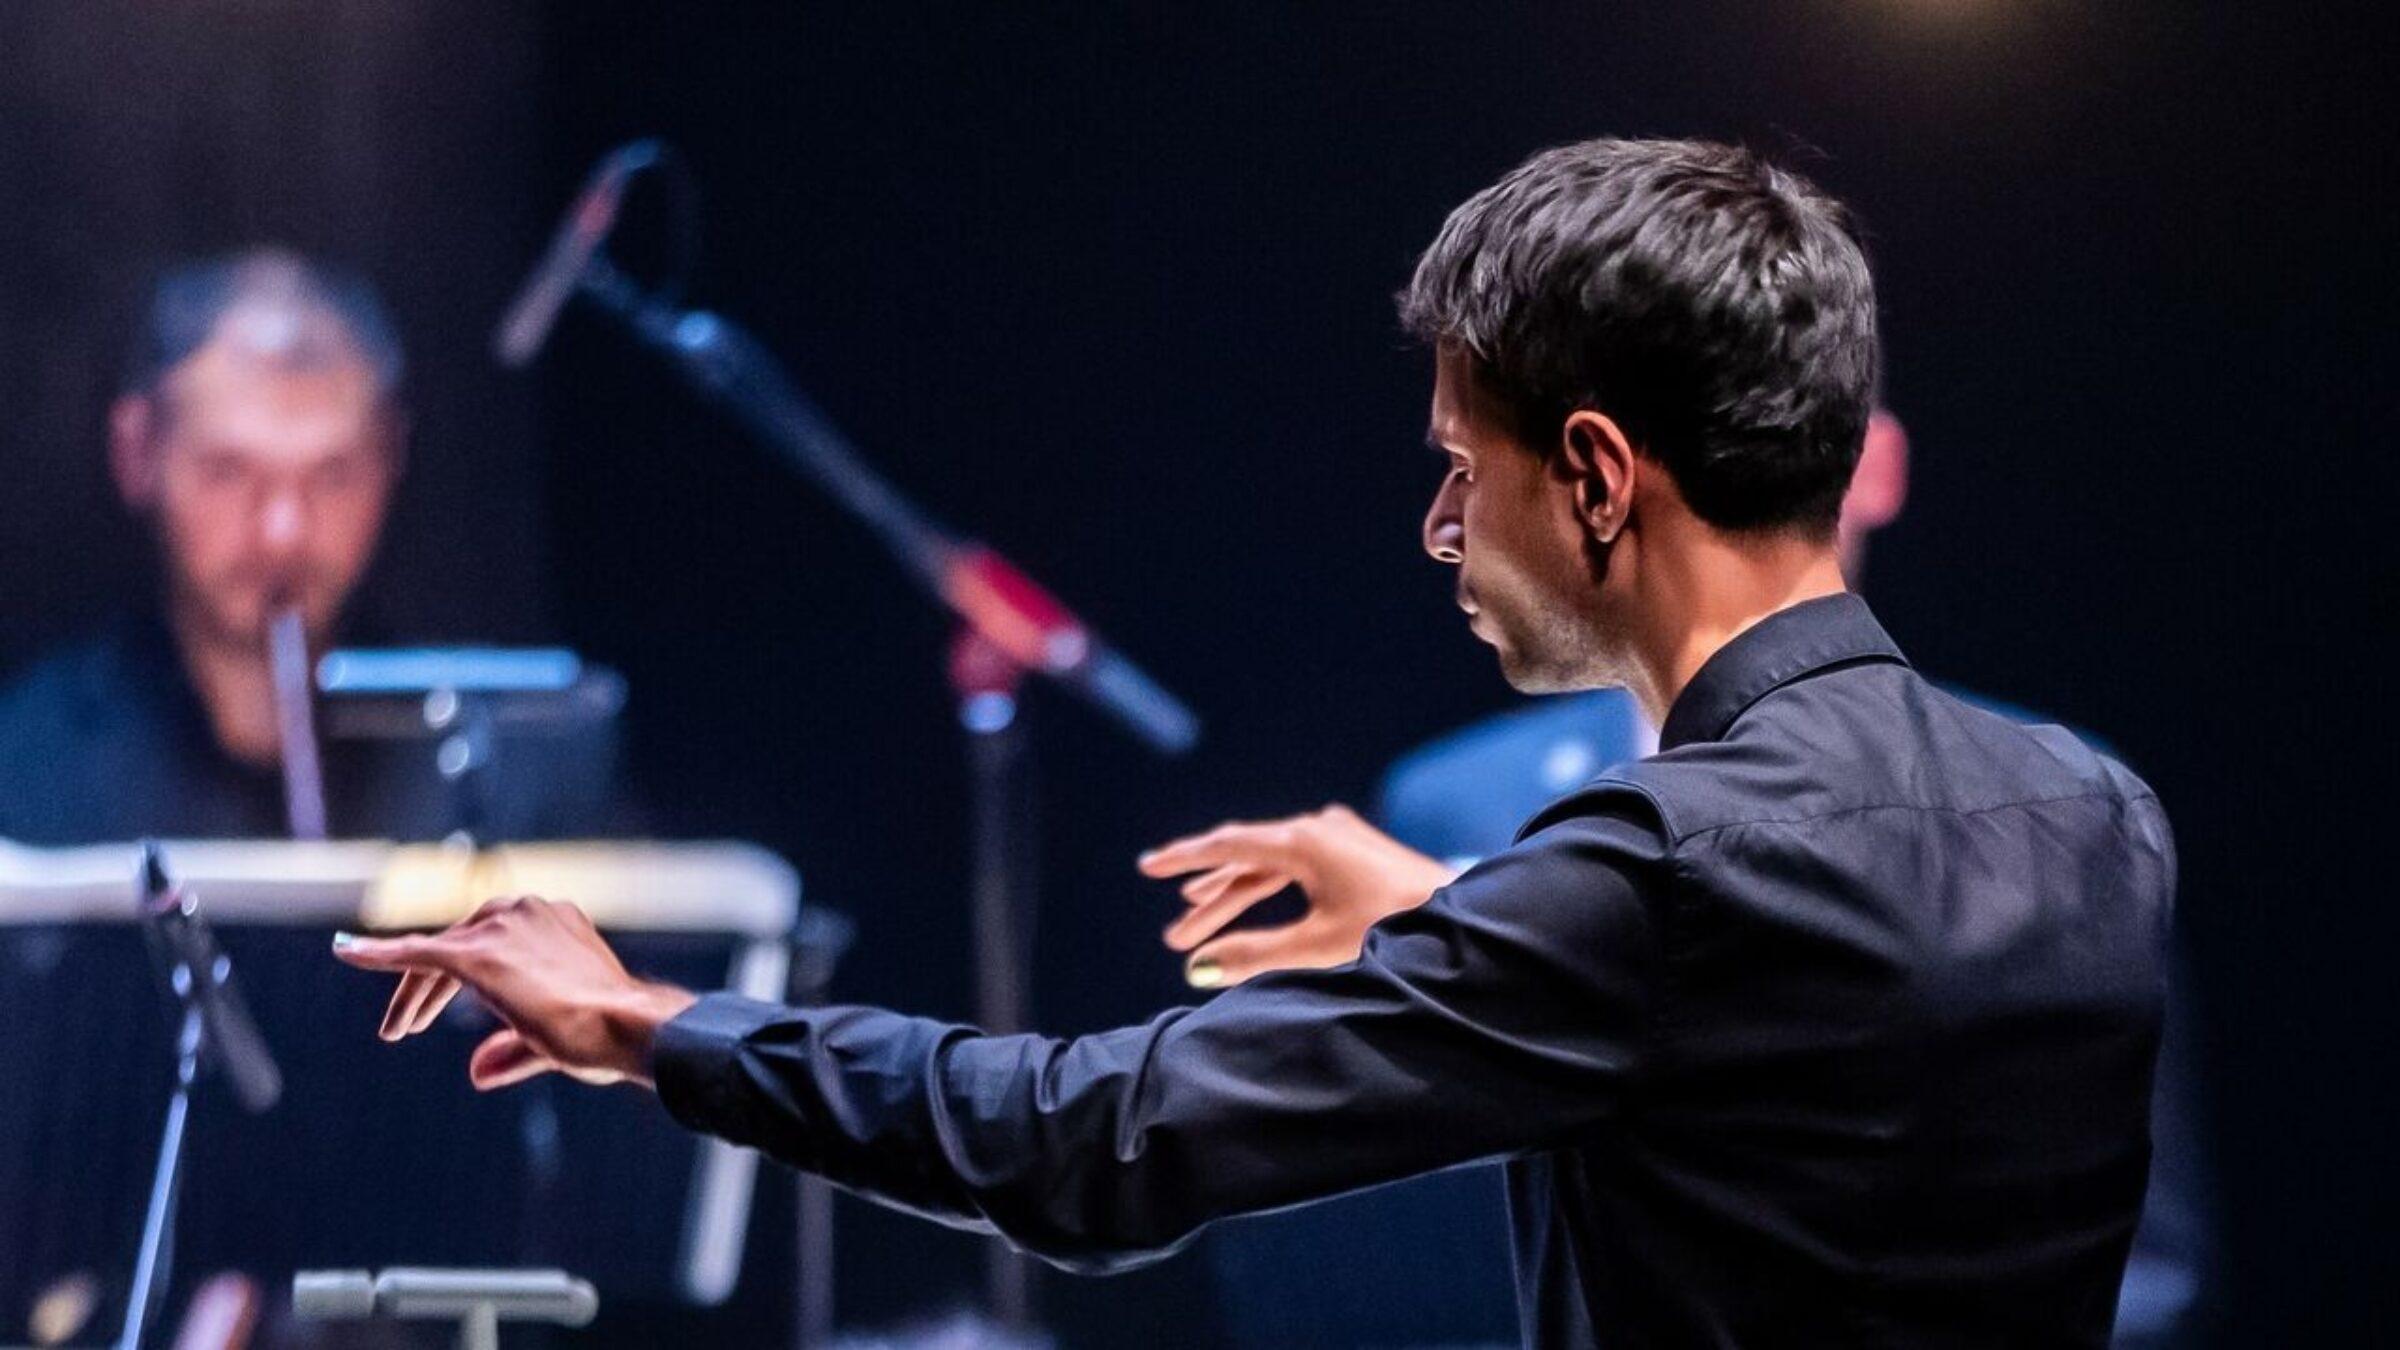 Verhalen uit het hart van het orkest